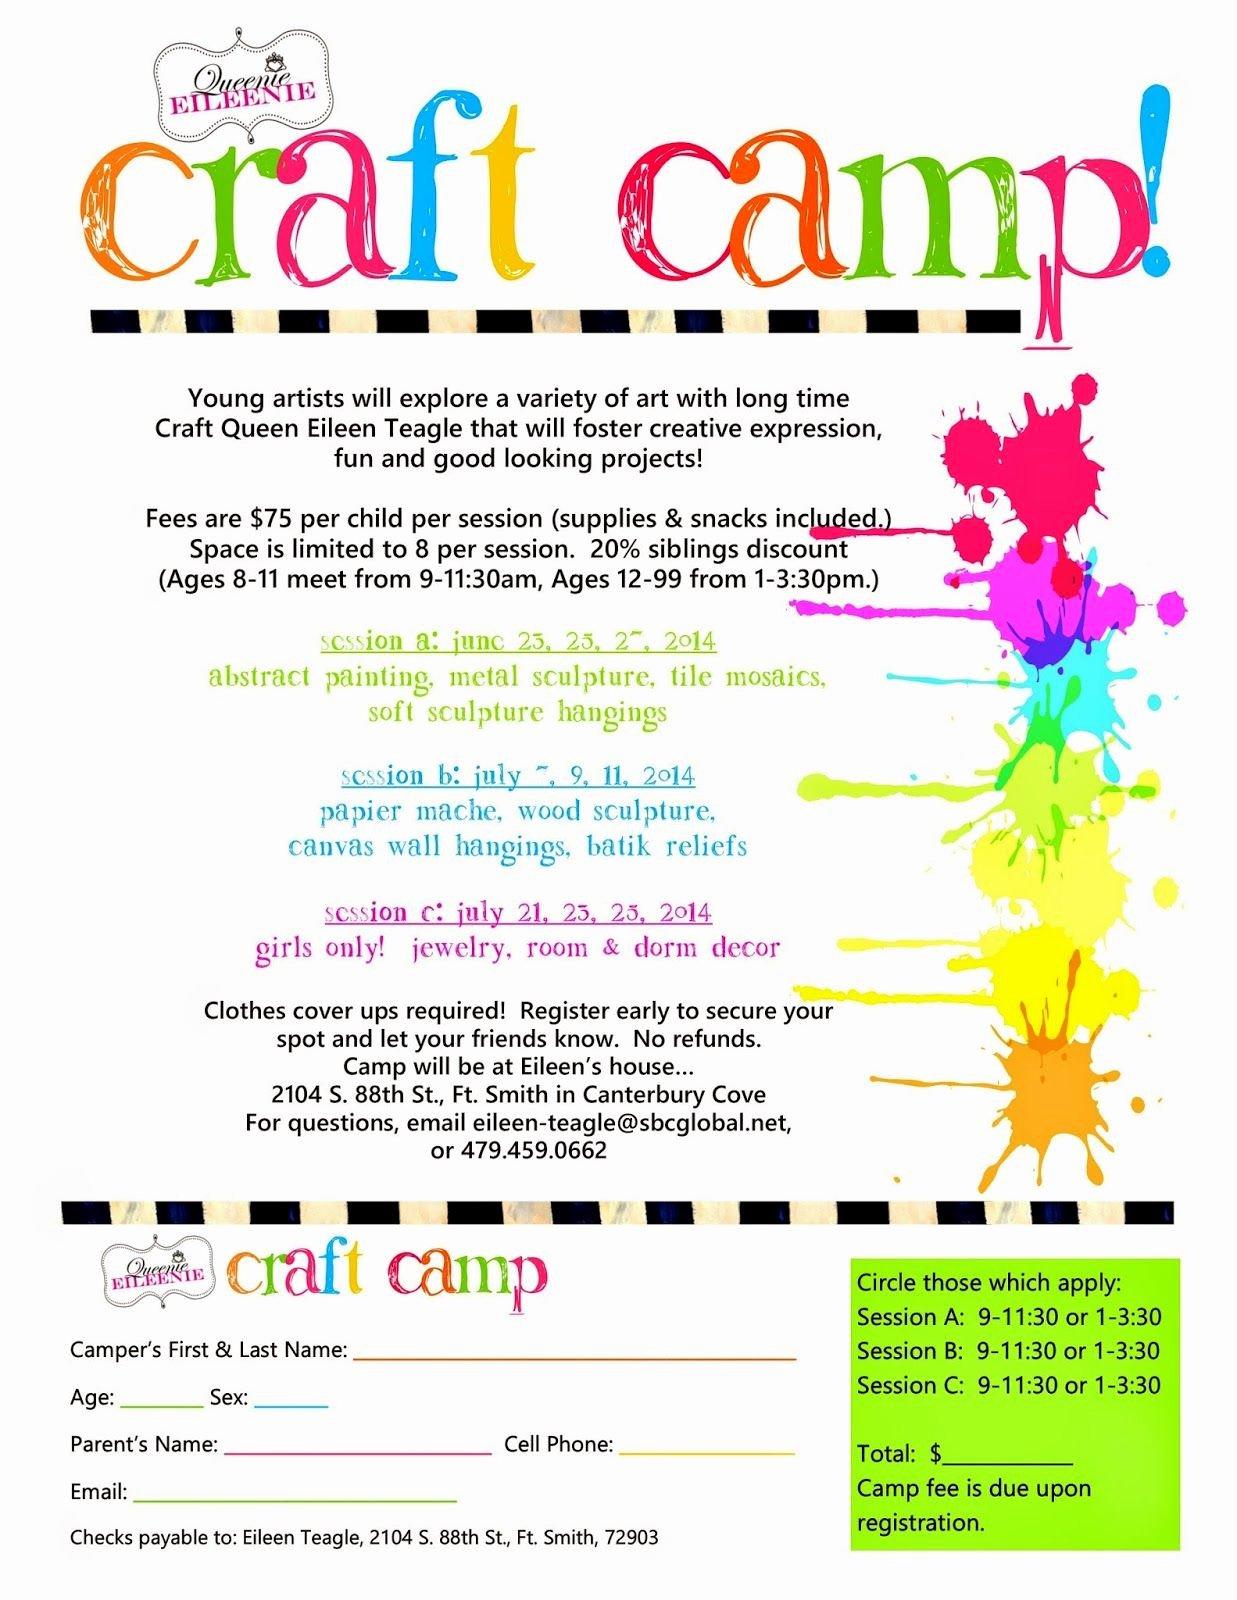 Summer Camp Brochure Ideas Inspirational Queenie Eileenie Announcing Summer Craft Camp and Artie Partie Craft Flyer Ideas